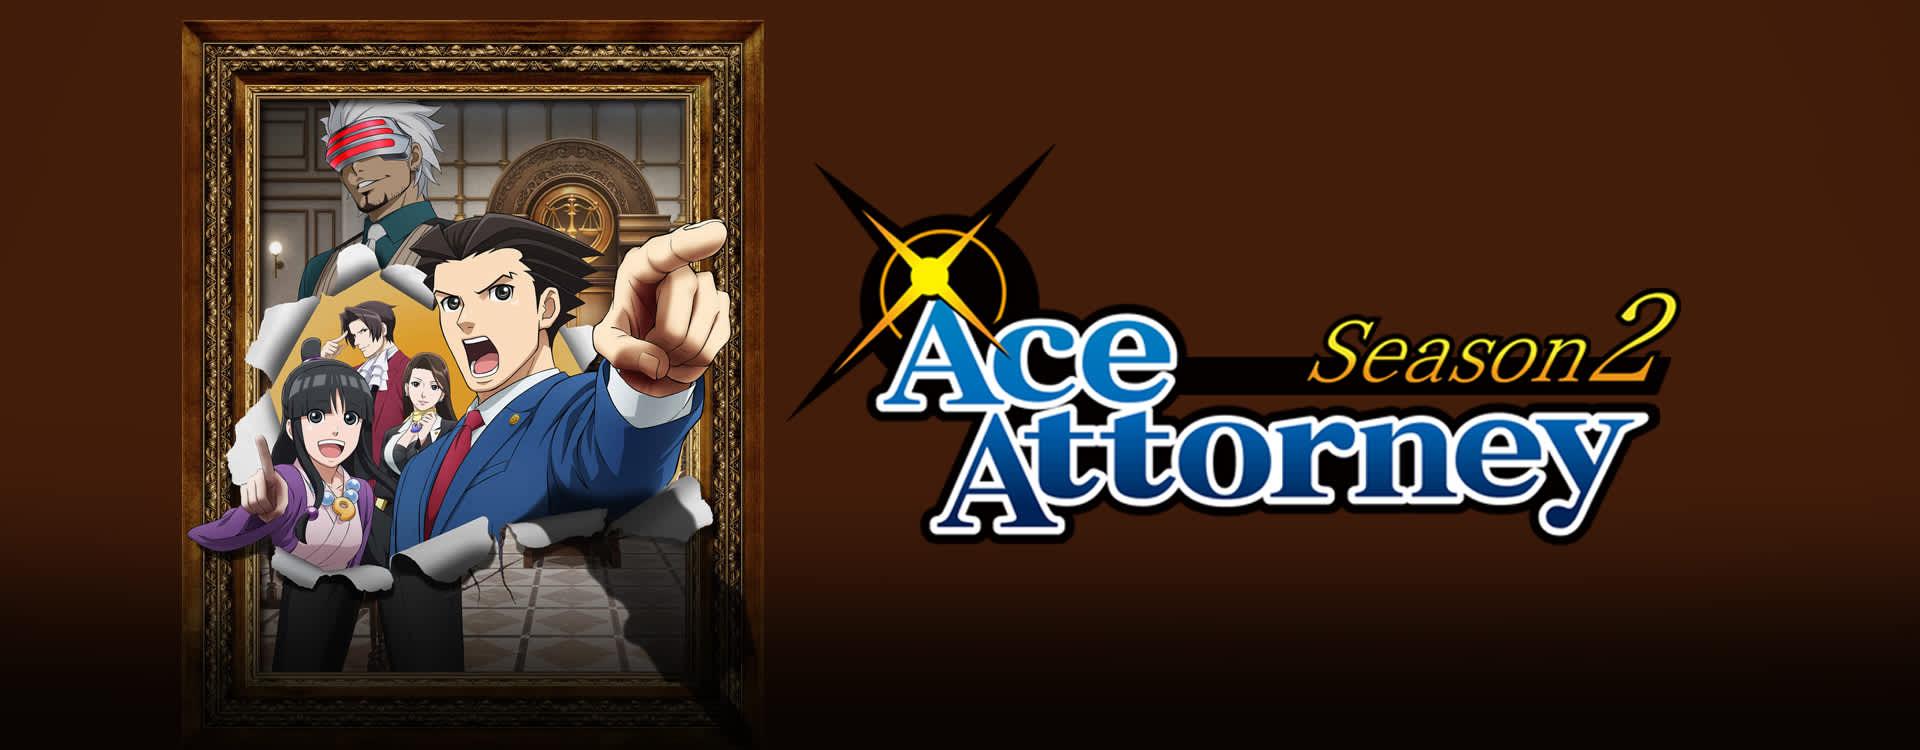 Watch Ace Attorney Sub Dub Comedy Drama Anime Funimation